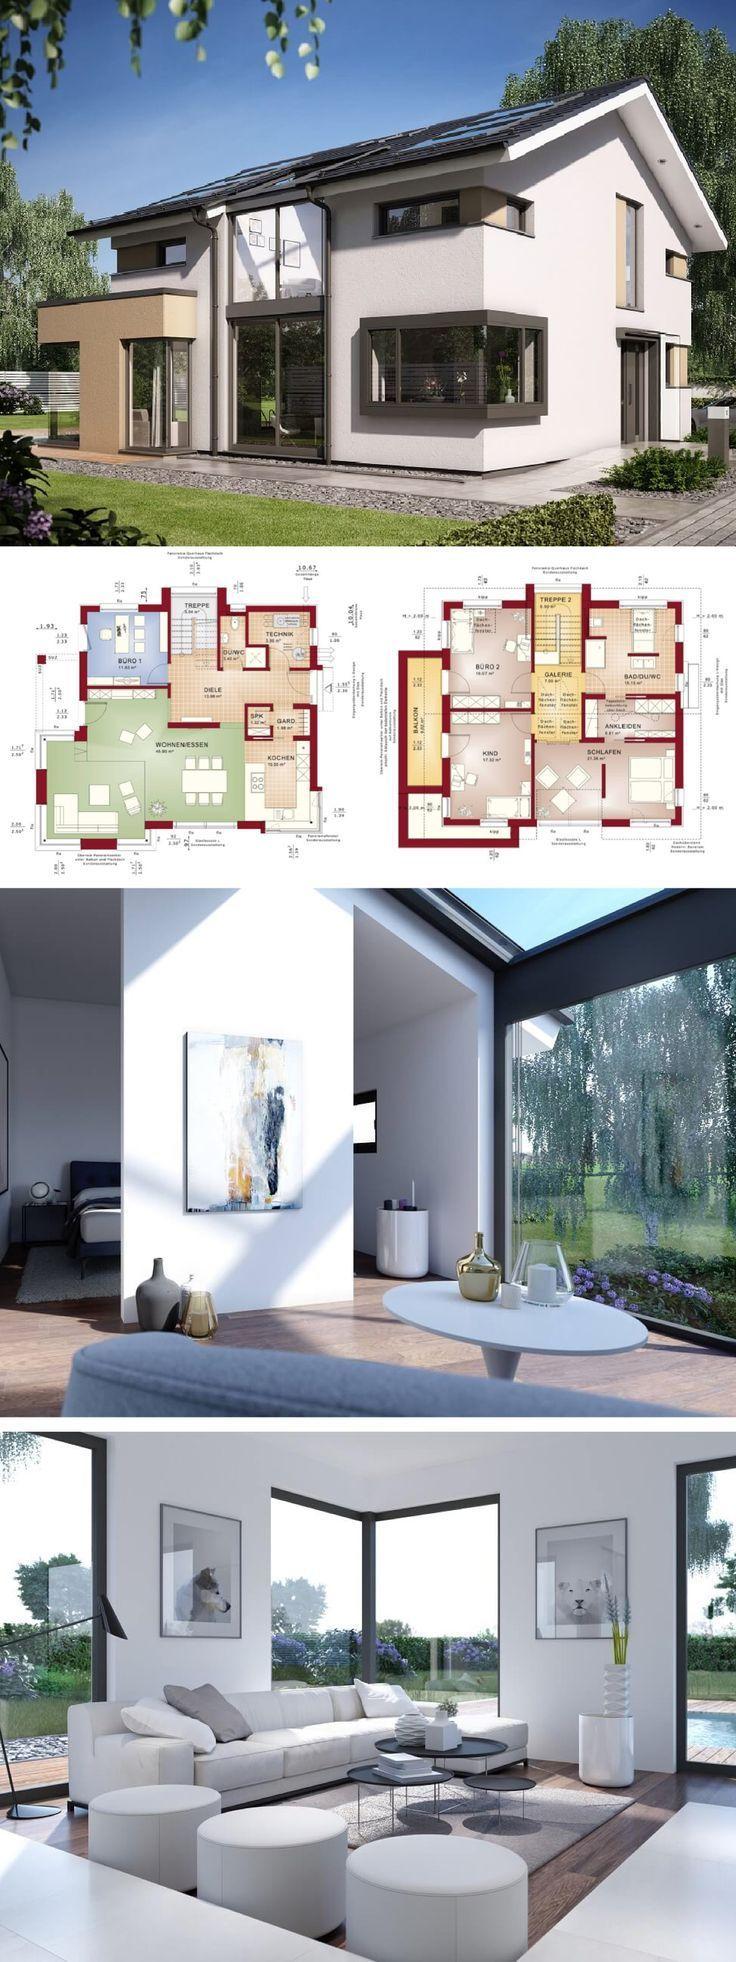 Einfamilienhaus EVOLUTION 122 V2 mit Satteldach